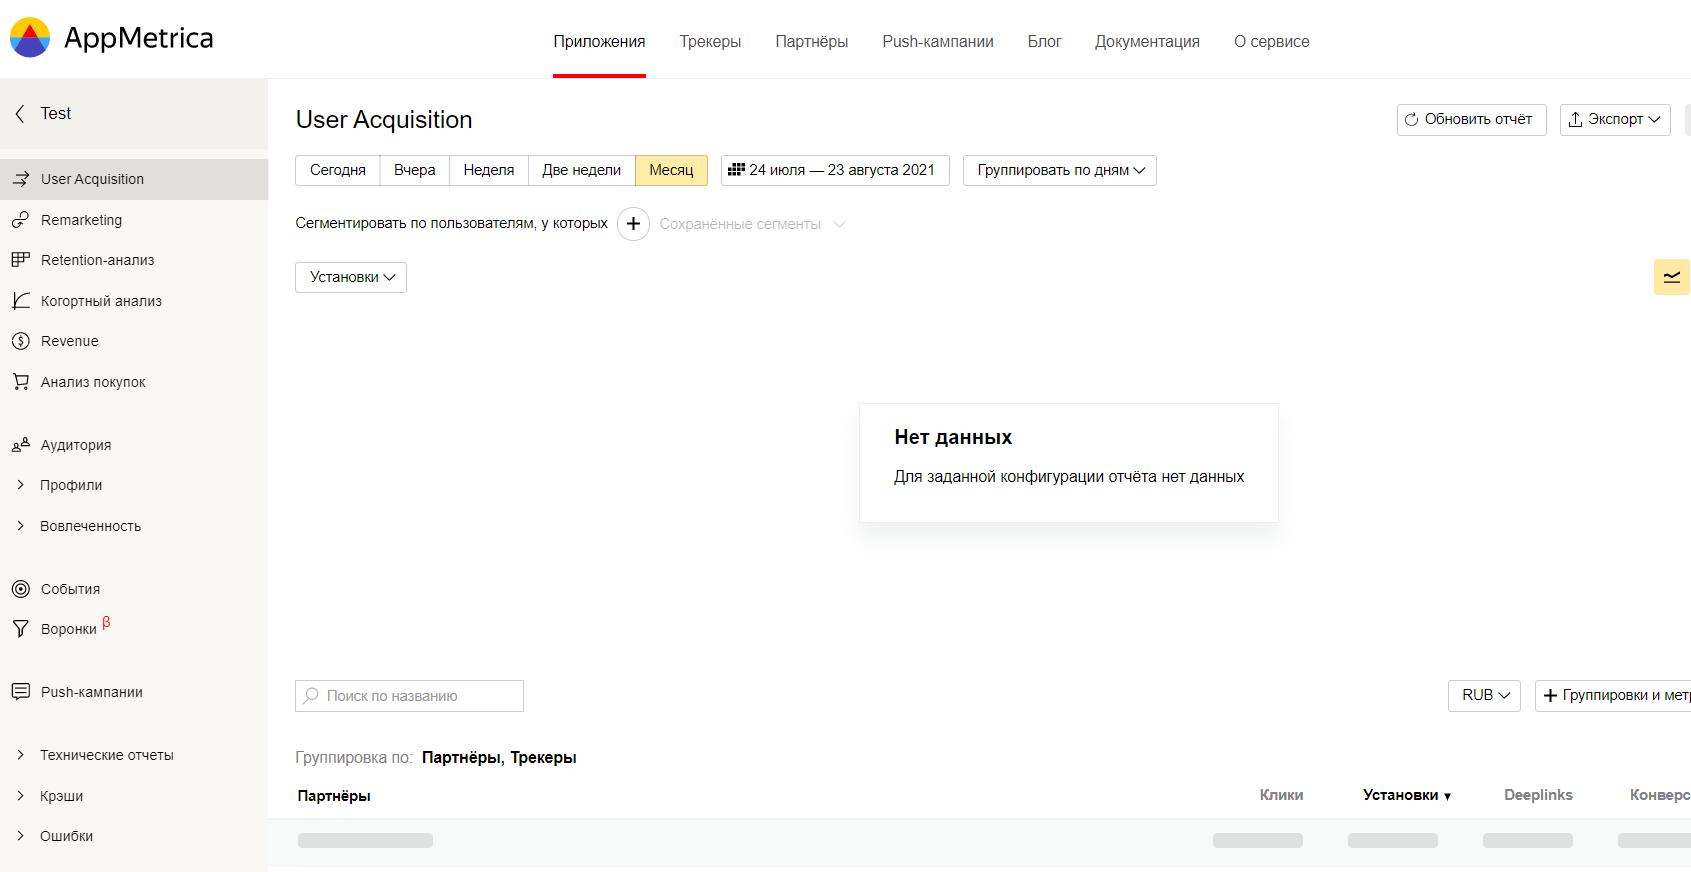 отслеживание данных отчёта User Acquisition appmetrica